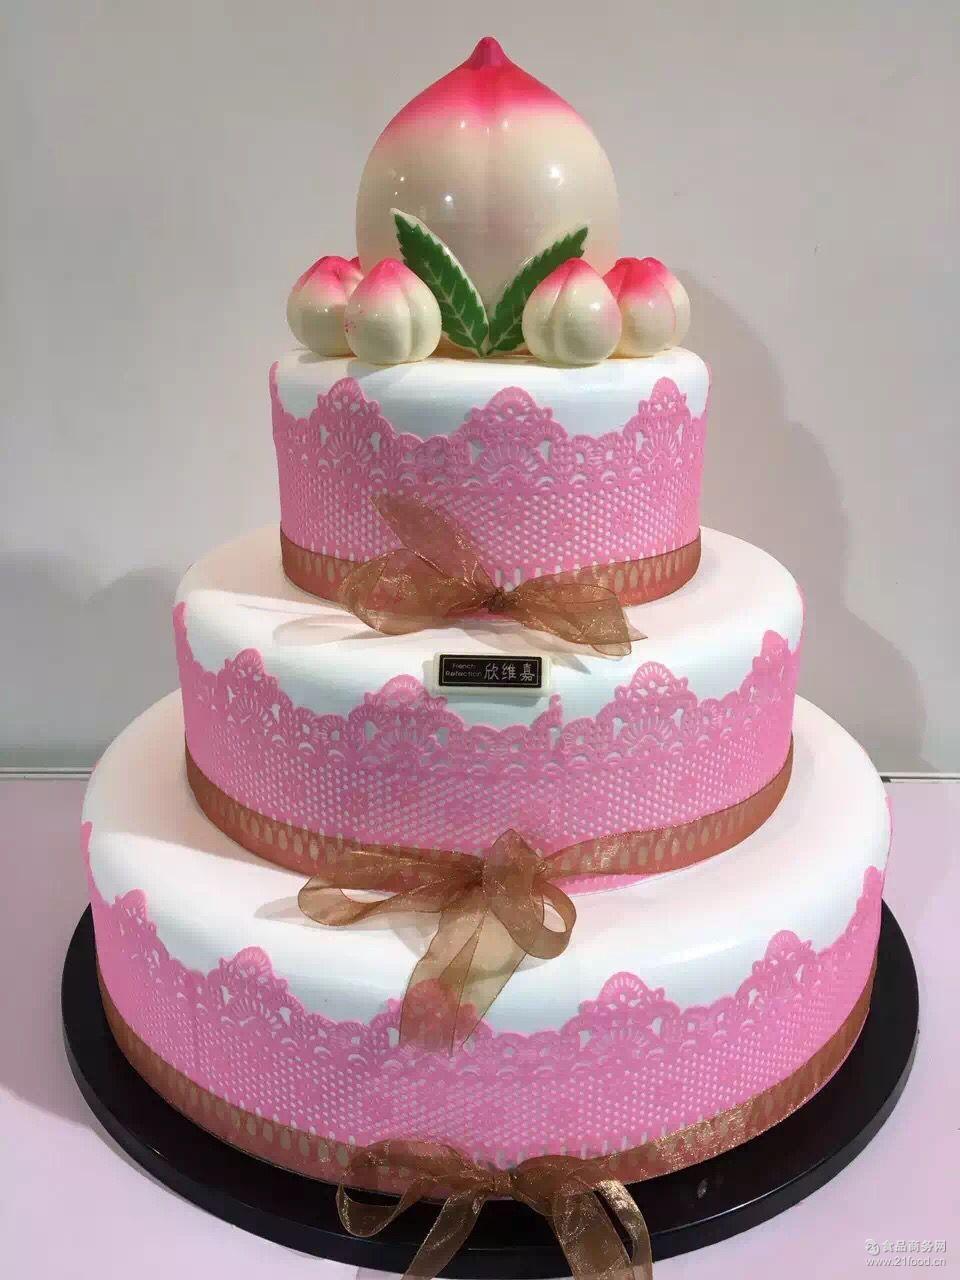 情人节翻糖蛋糕蕾丝围边软糖蛋糕蕾丝装饰花边蛋糕慕斯装饰围边